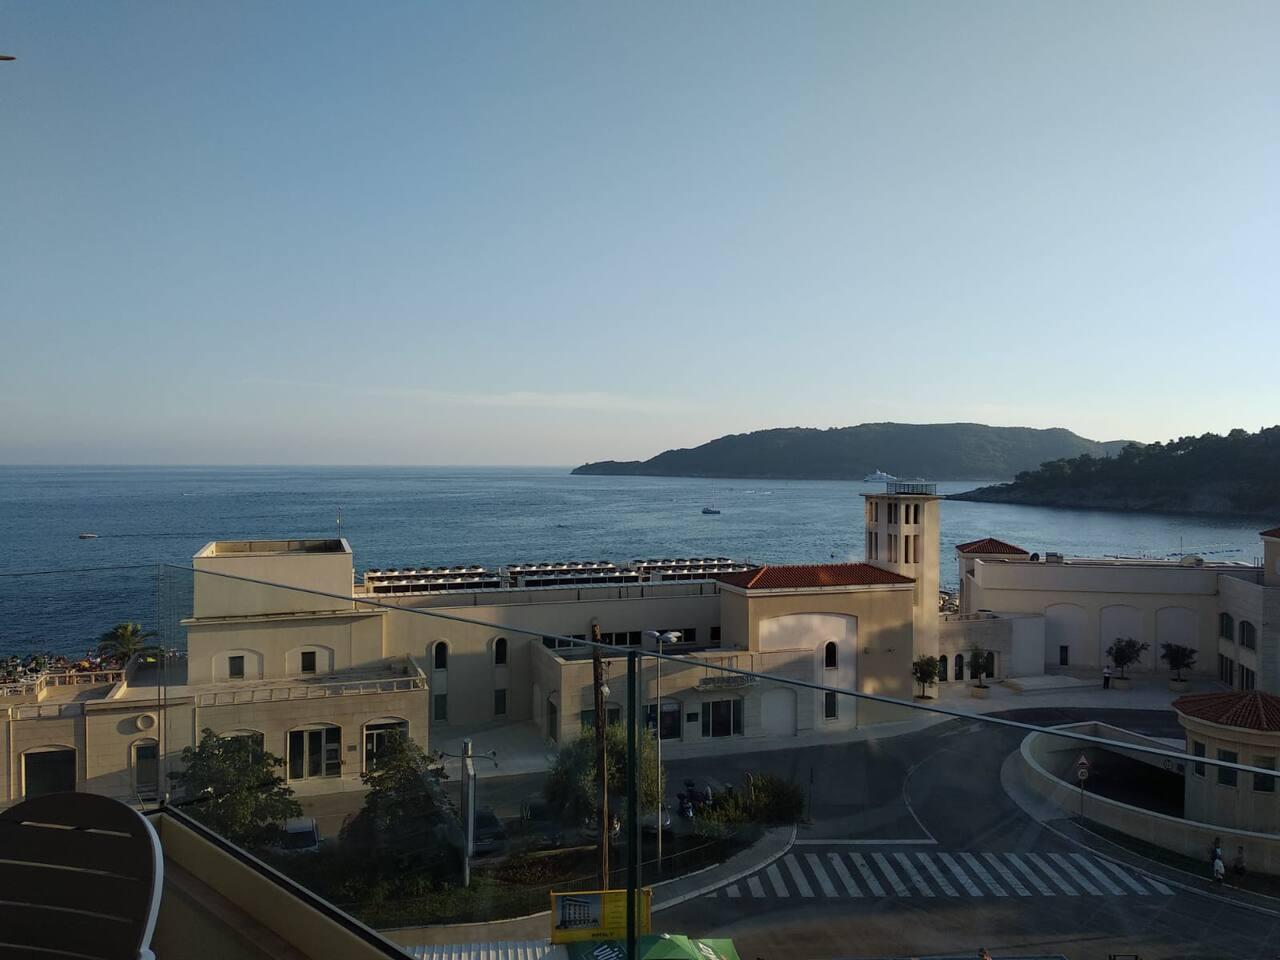 Вид на море и  отель Splendid c балкона соседнего номера